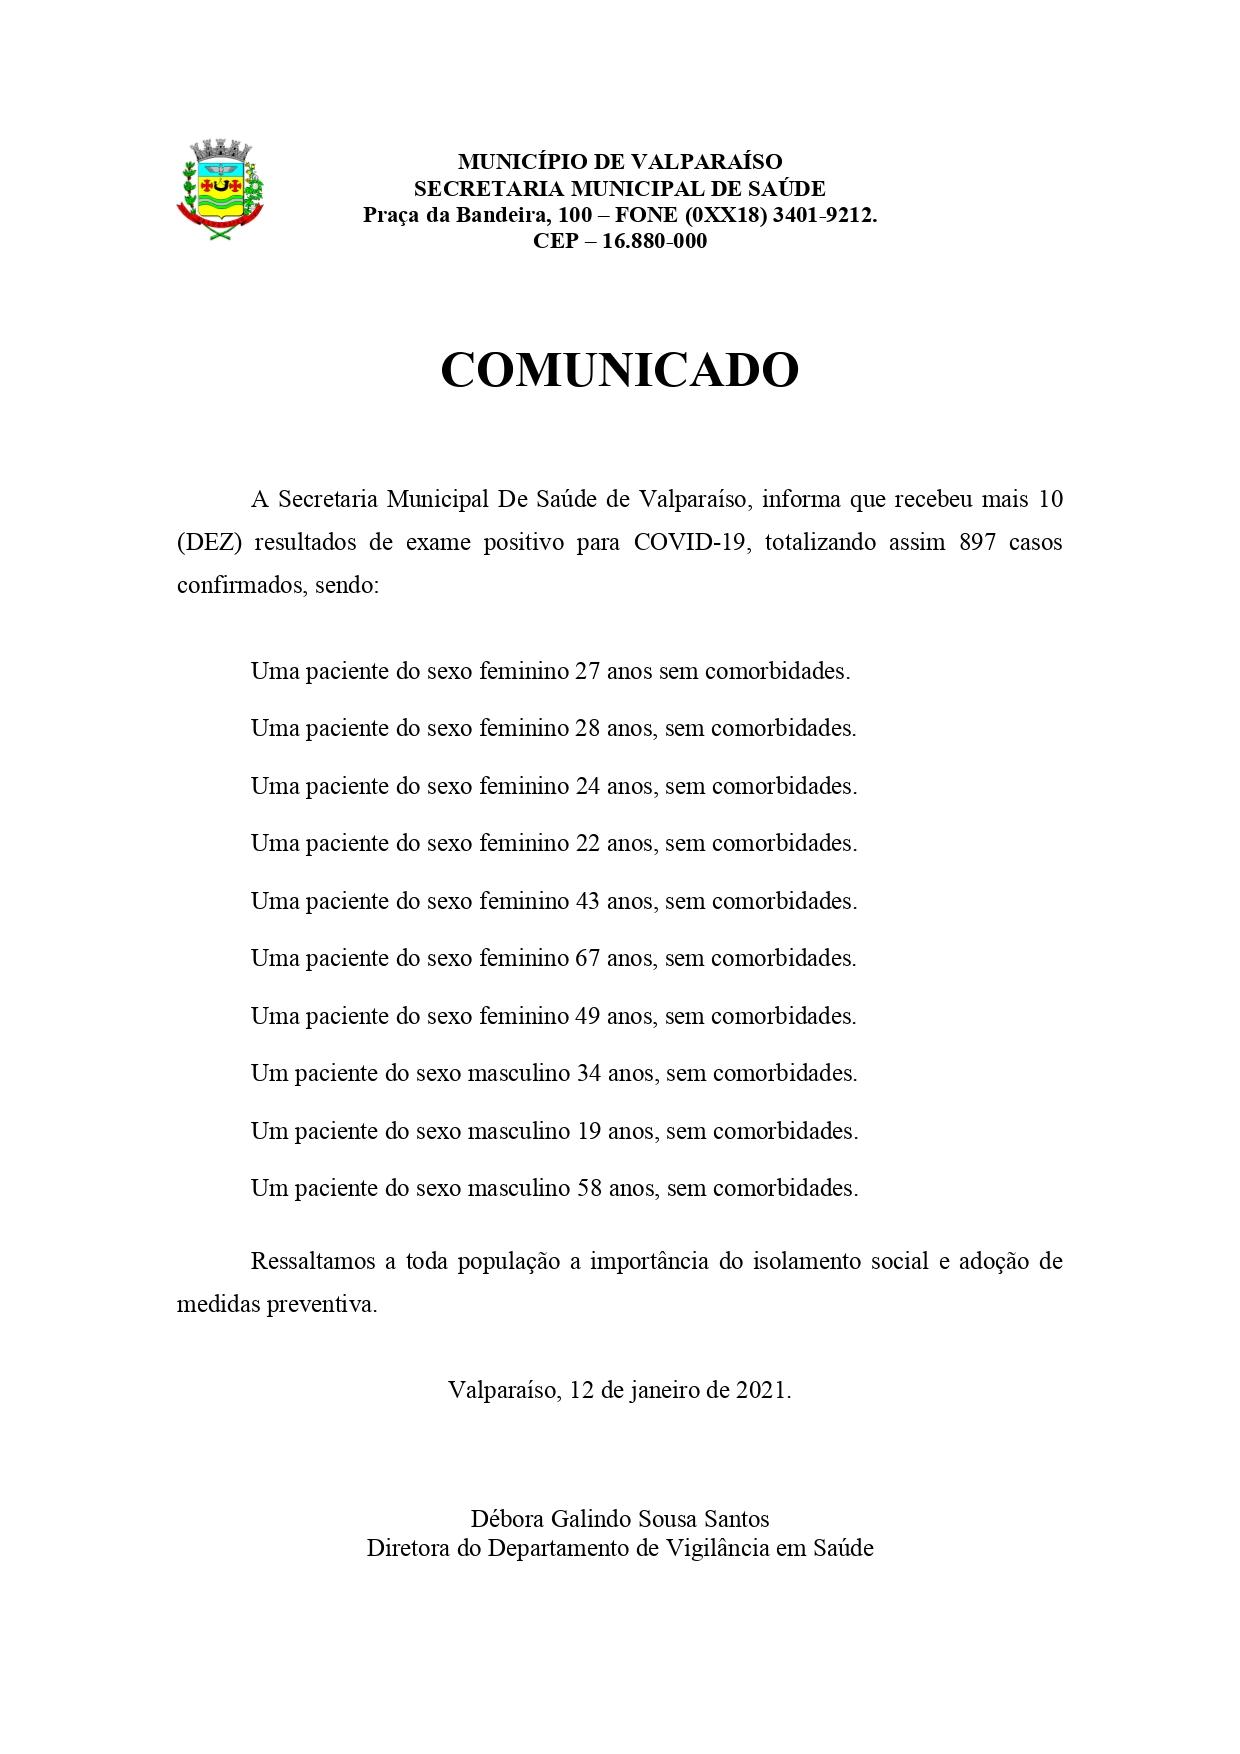 covid897